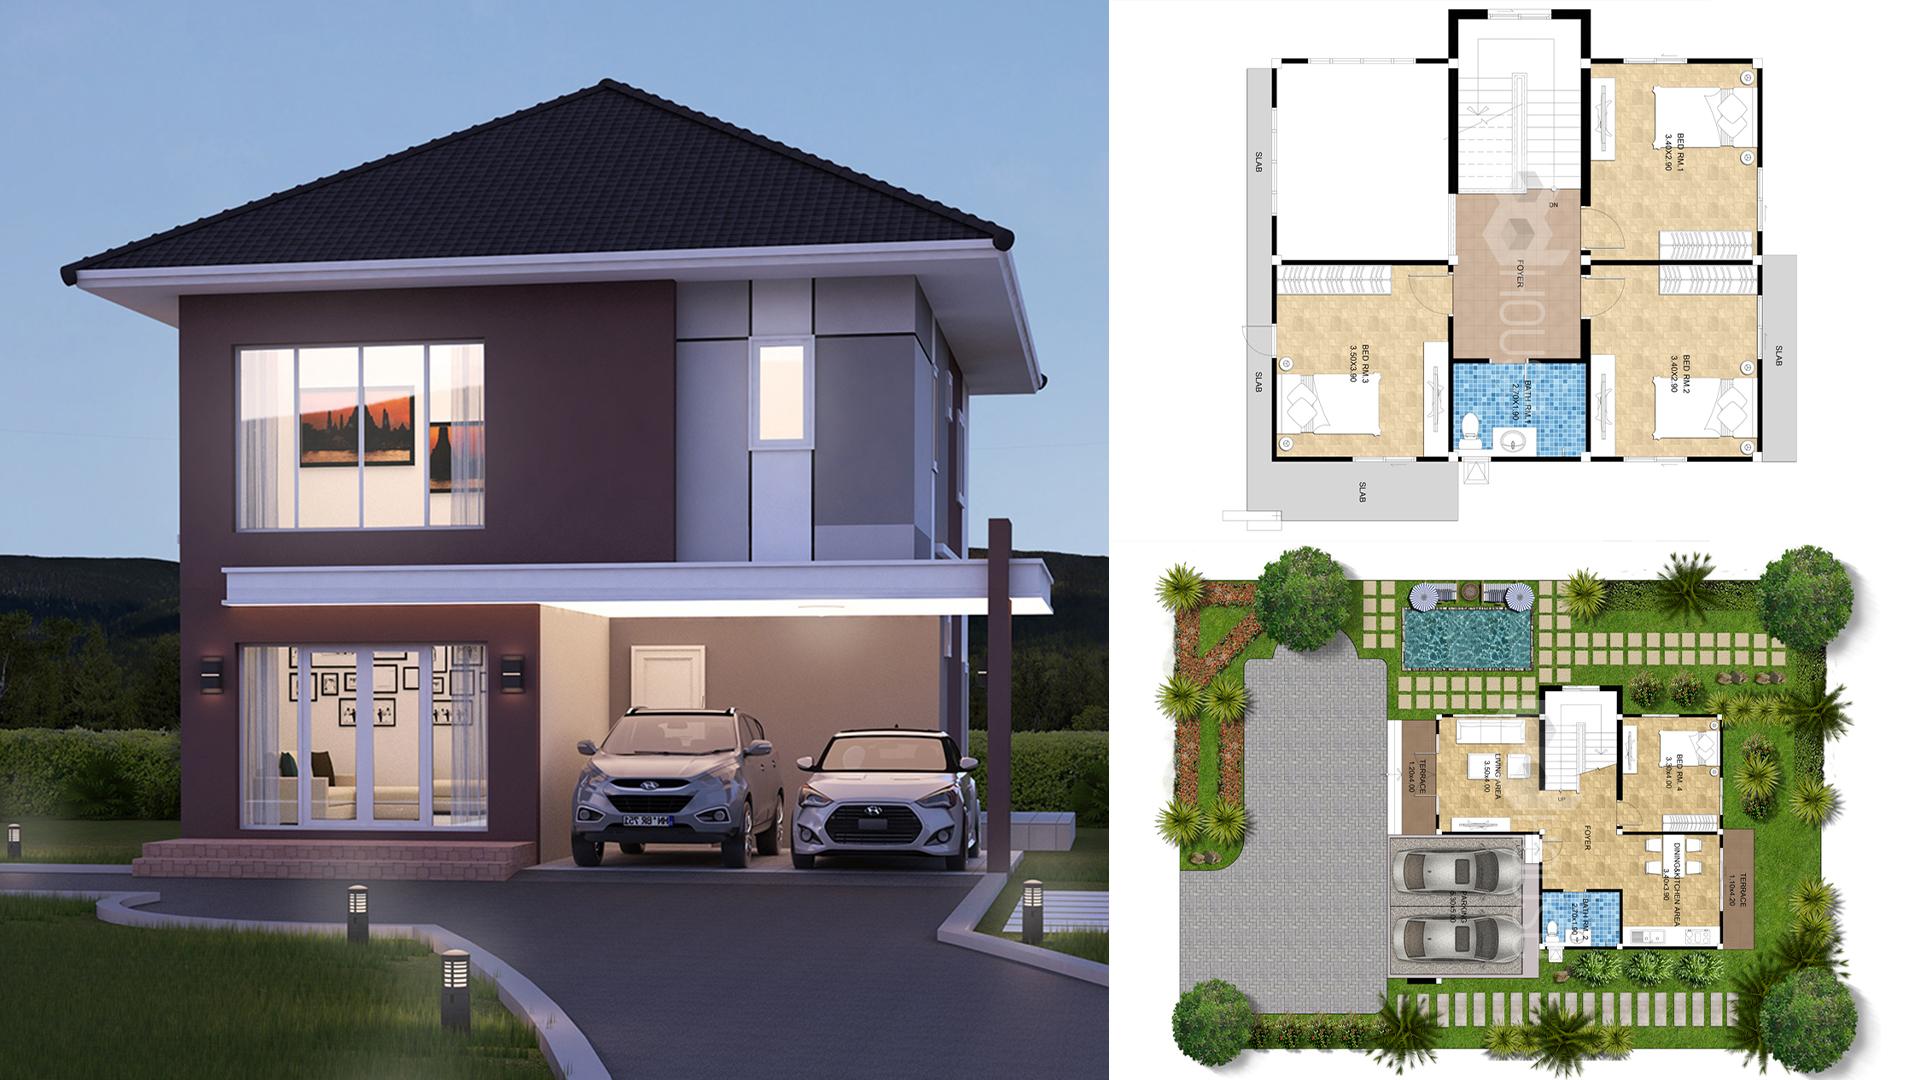 Simple House Design 13×14 meter 43×46 feet